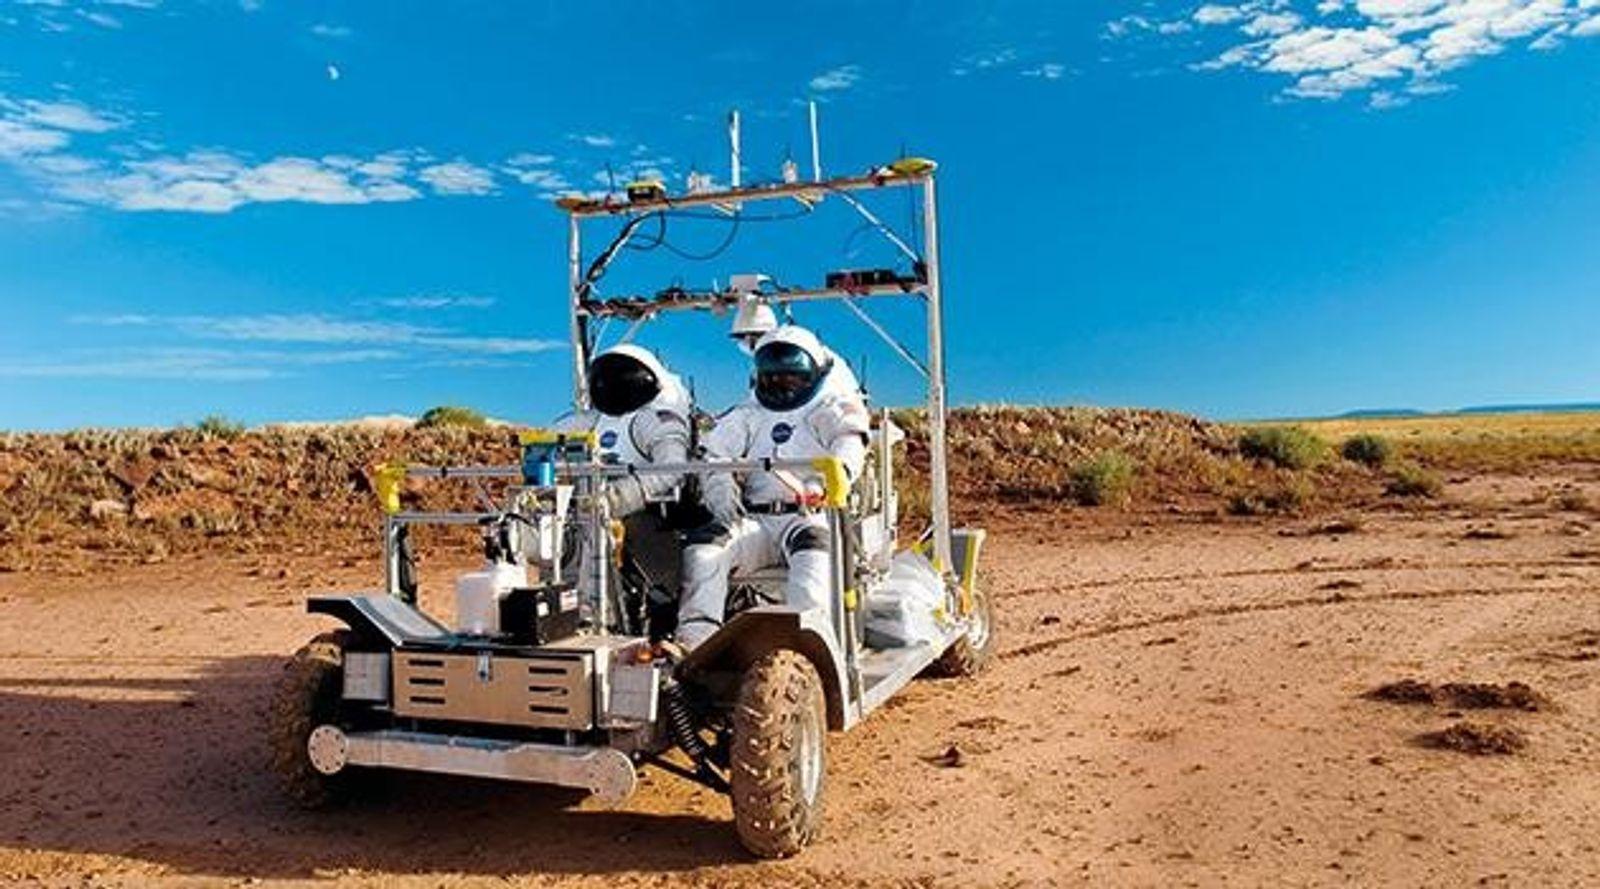 In der Wüste Arizonas üben Astronauten Fahrten auf Mond und Mars.